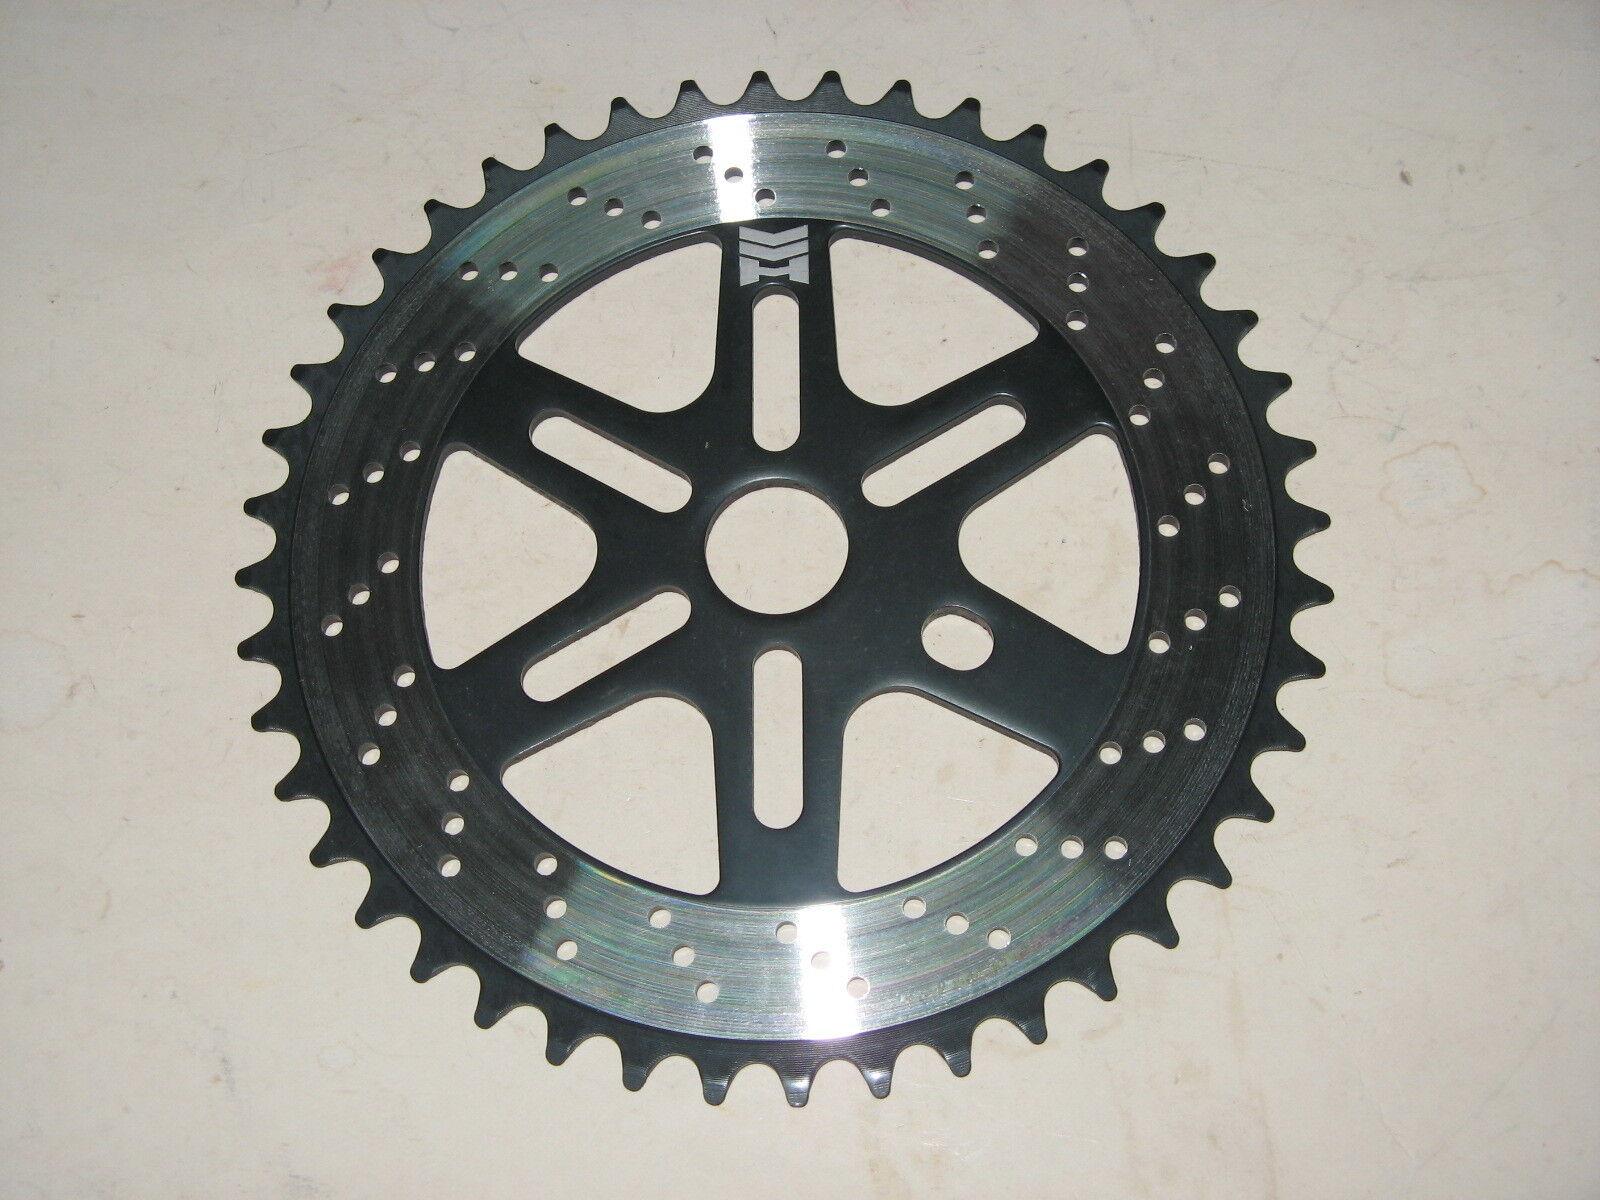 NOS Haro aluminium alloy Chainring Old &MID School BMX